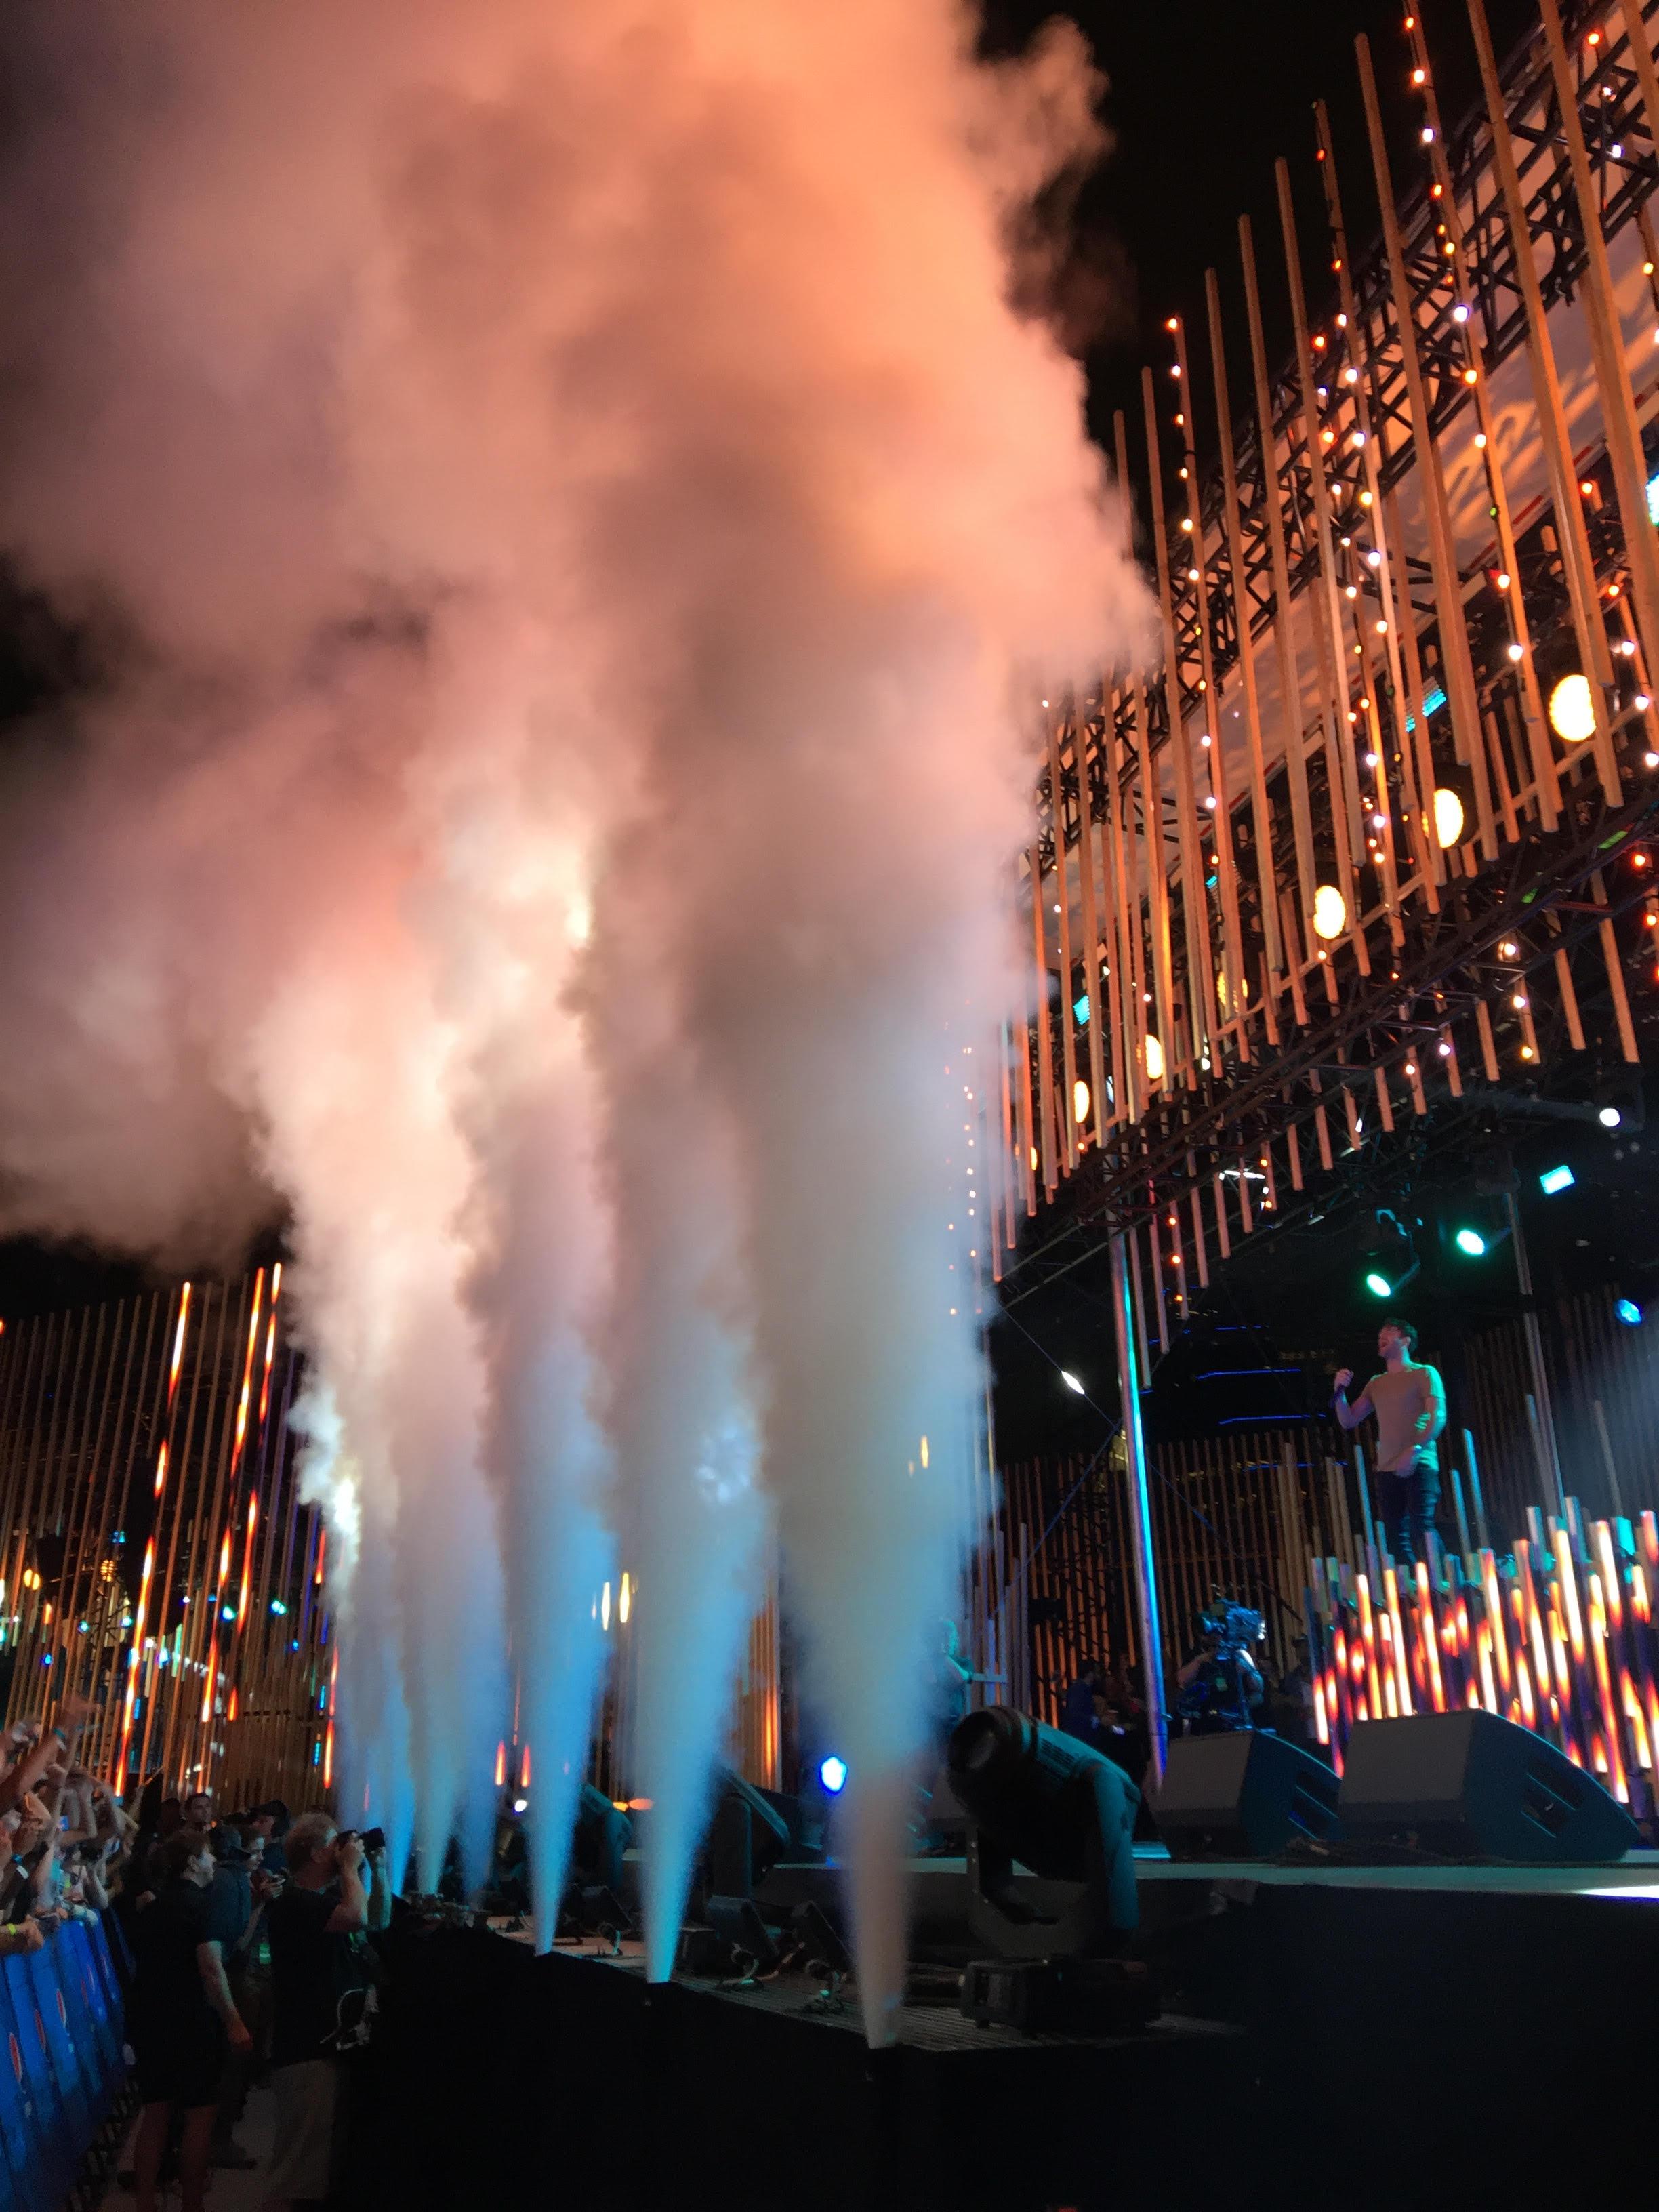 Cryo, Haze, Smoke FX